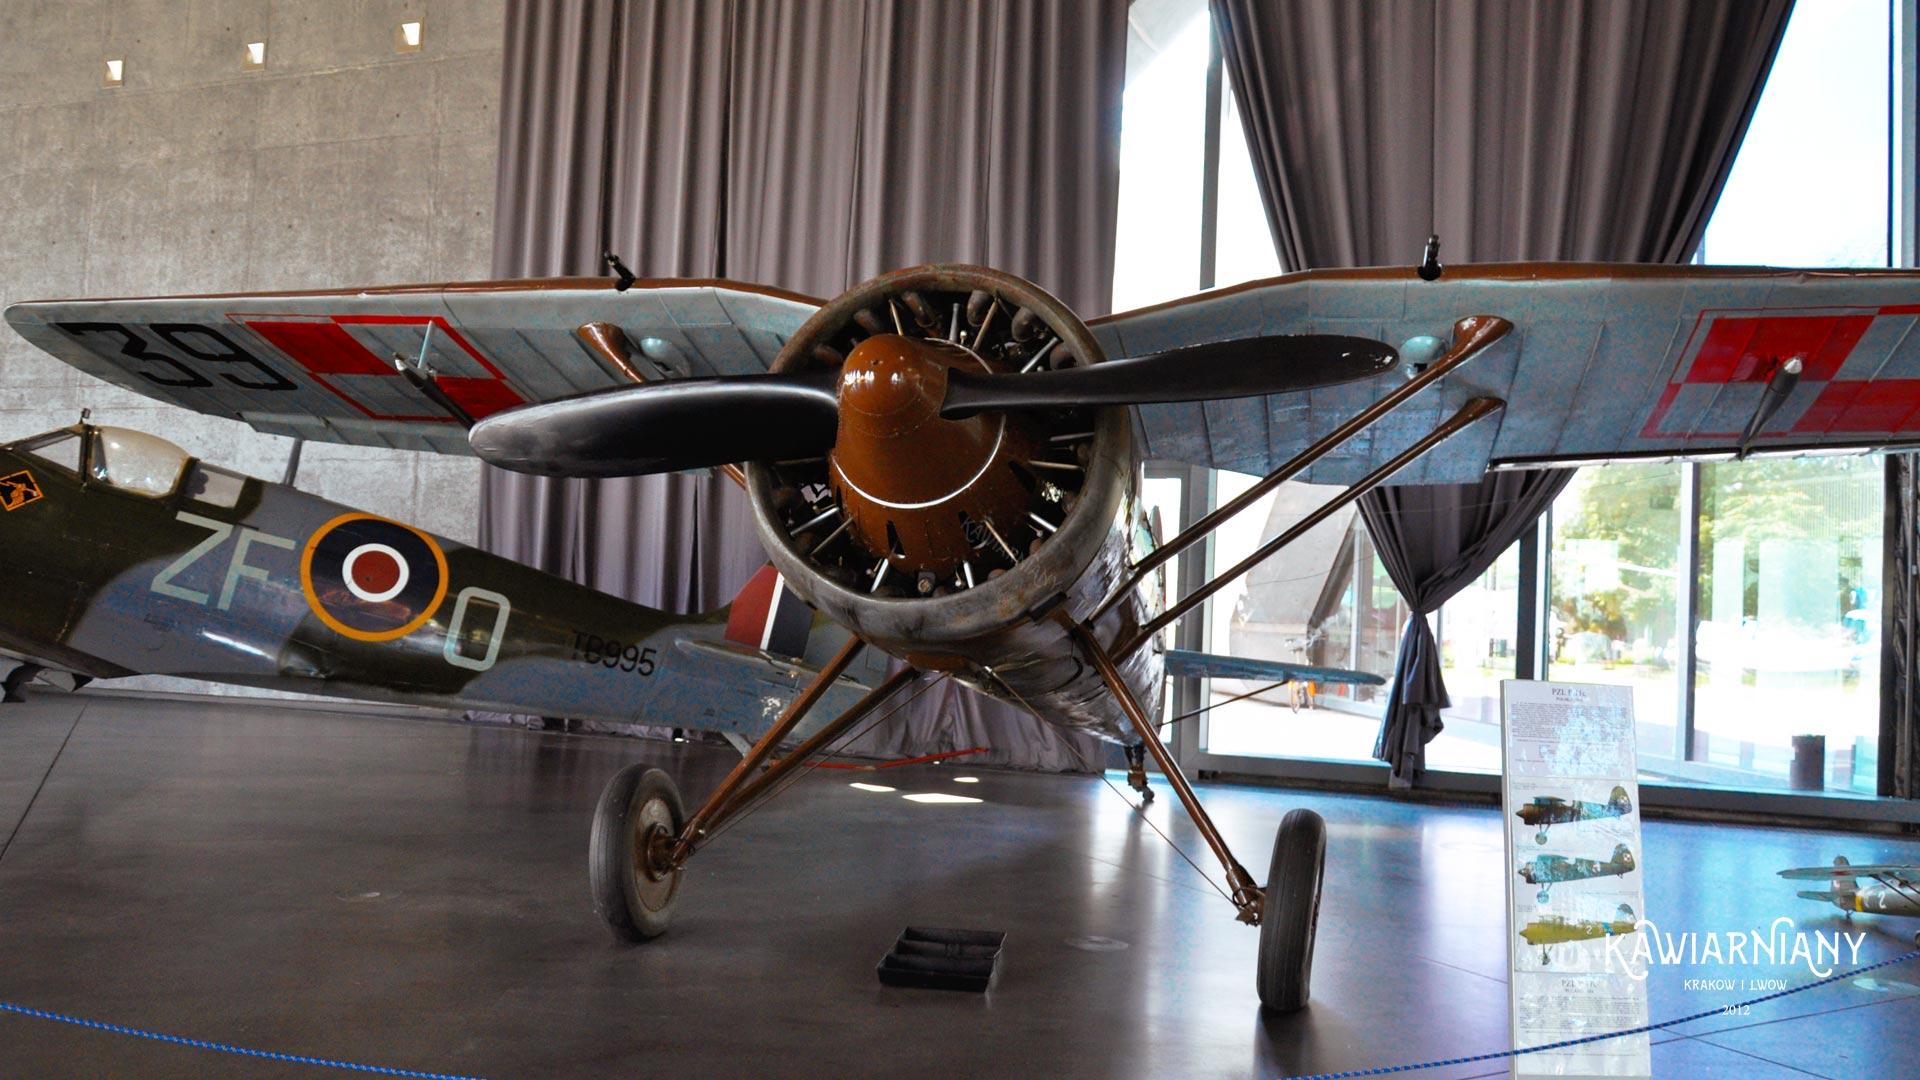 Muzeum Lotnictwa Polskiego – cennik biletów, godziny otwarcia, zwiedzanie